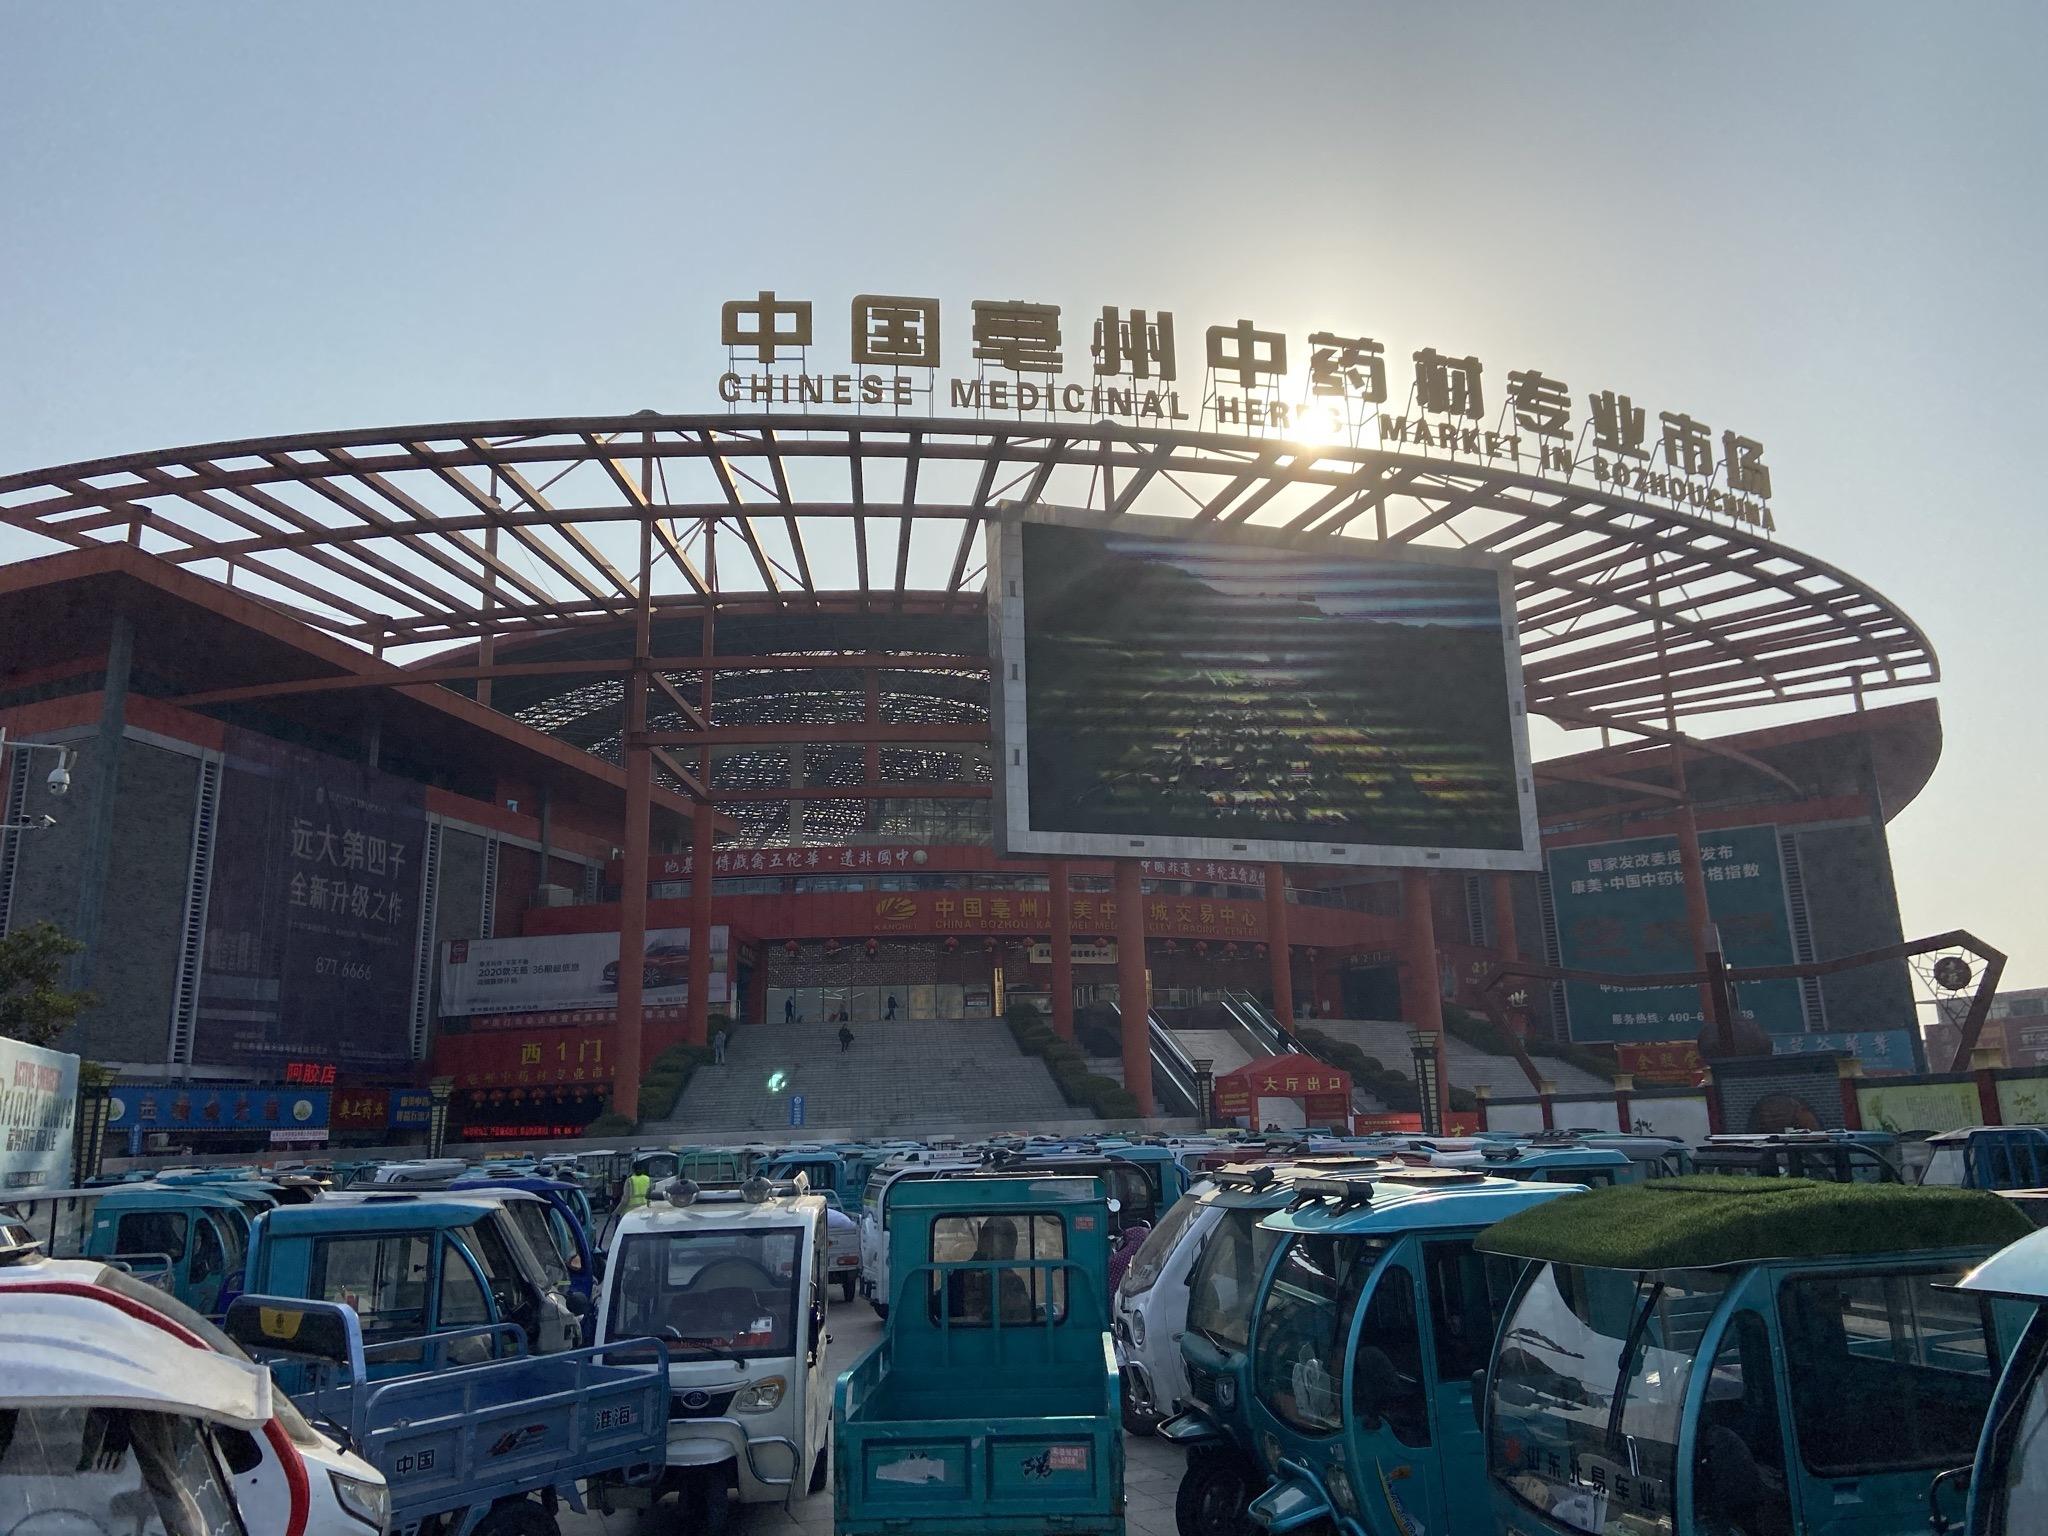 """2月22日上午,记者走访位于亳州市谯城区的""""中国亳州中药材专业市场"""",发现多家商贩专门经销紫河车"""